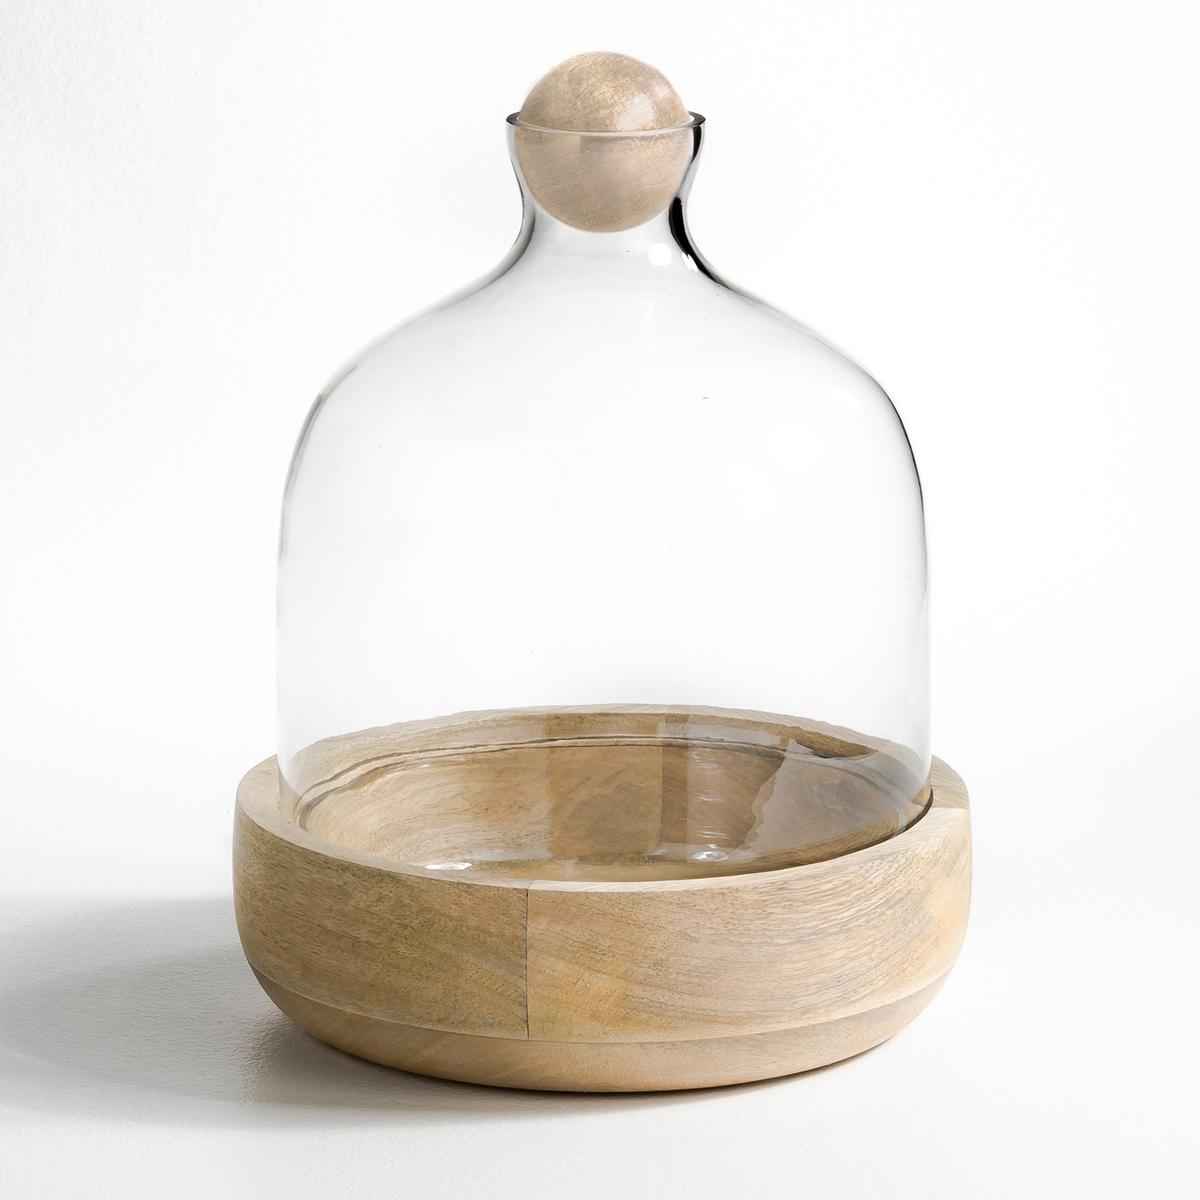 Террариум Rozo из стекла и мангового дереваТеррариум состоит из основы из массива мангового дерева, горловины и купола из стекла и пробки в форме шарика из мангового дерева.Добавьте немного земли и зелени внутрь и этот террариум станет настоящим мини-садом в Вашем доме.Экологическая мини-теплица по переработке воды и воздуха.Сосуд хорошо пропускает свет, а если он плотно закрыт, то внутри образуется конденсат за счёт испарений из влажной почвы.Идеально подходит для маленьких растений, которые нуждаются в повышенной влажности.  Размеры: ? 27, Выс. 35 см.<br><br>Цвет: прозрачный/натуральное дерево